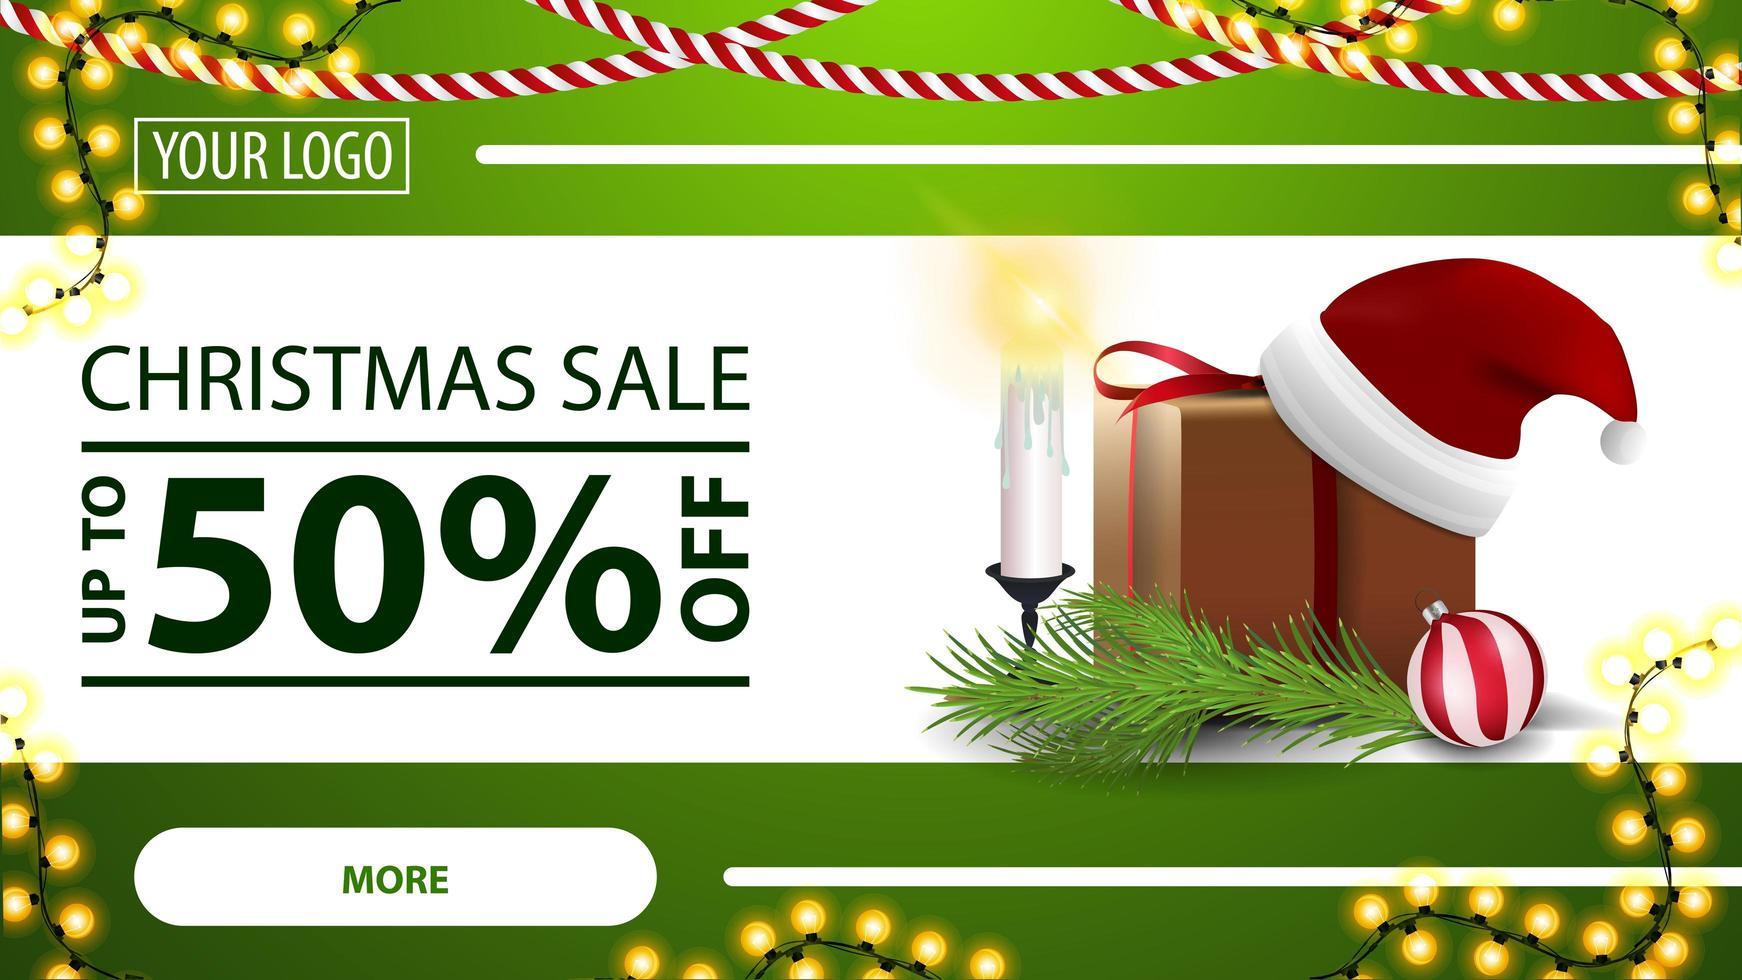 venta de navidad, hasta 50 de descuento, banner web moderno horizontal verde con botón, guirnalda, regalo con sombrero de santa claus, velas, rama de árbol de navidad y bola de navidad vector